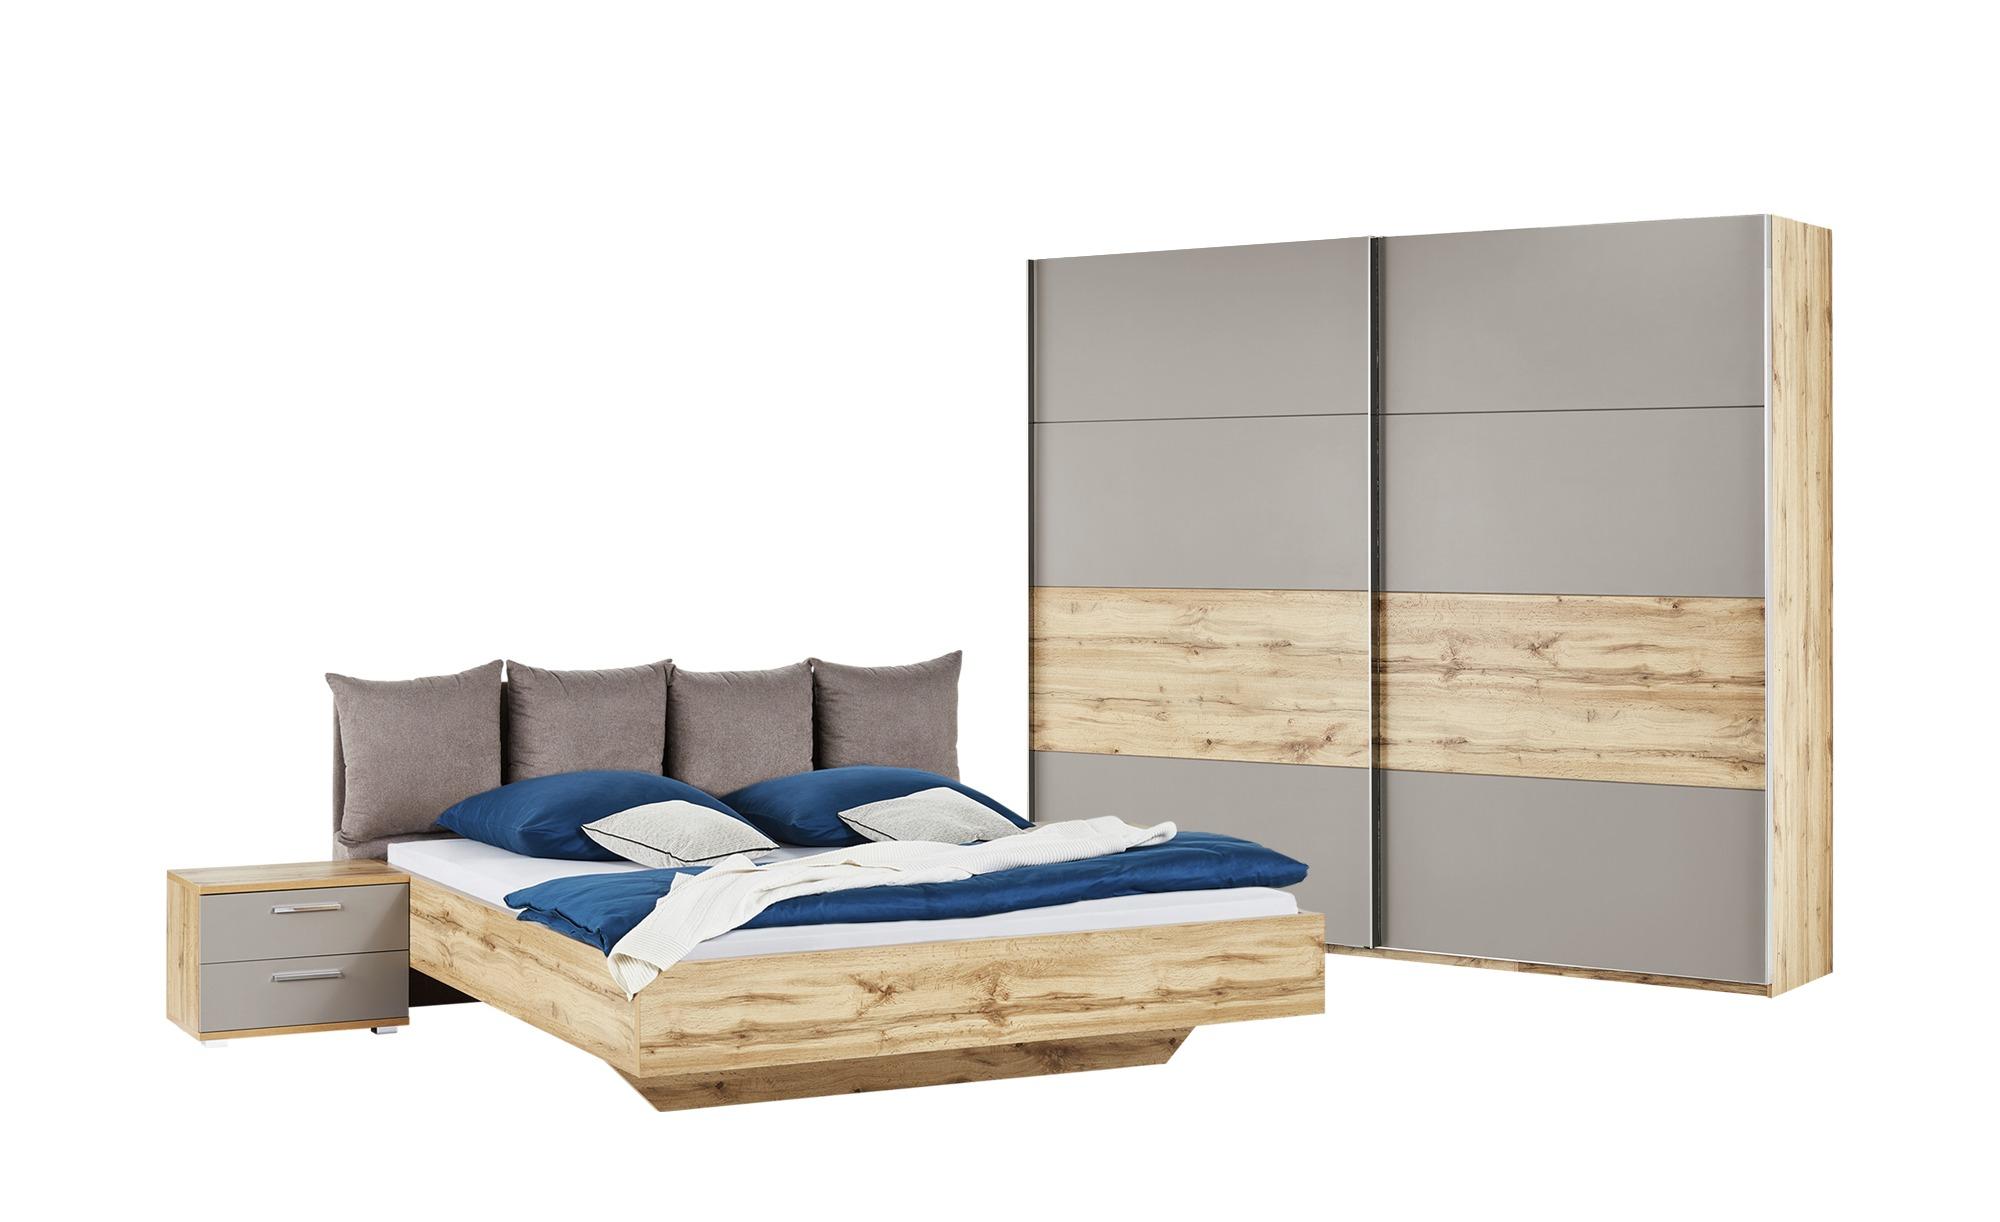 uno Komplett-Schlafzimmer Delta, gefunden bei Möbel Höffner